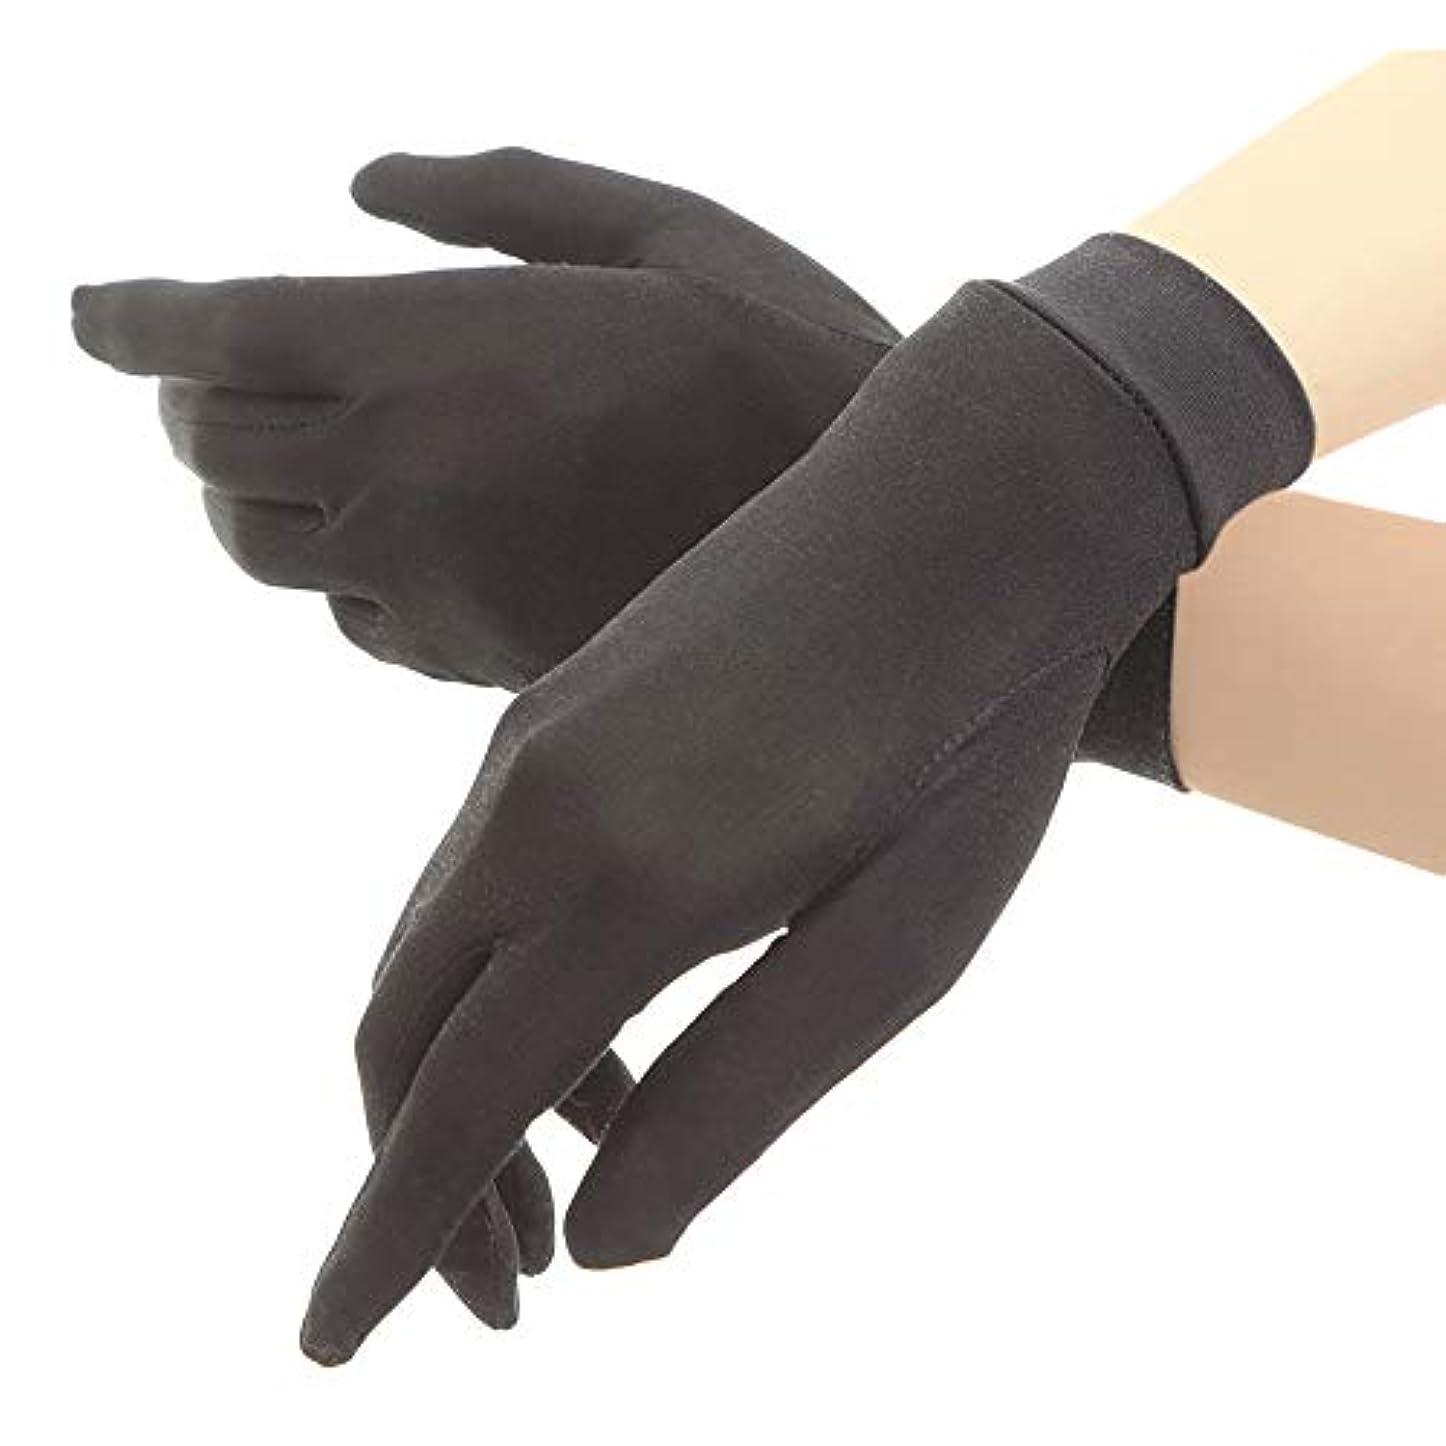 罰する限り電球シルク手袋 レディース 手袋 シルク 絹 ハンド ケア 保湿 紫外線 肌荒れ 乾燥 サイズアップで手指にマッチ 【macch】